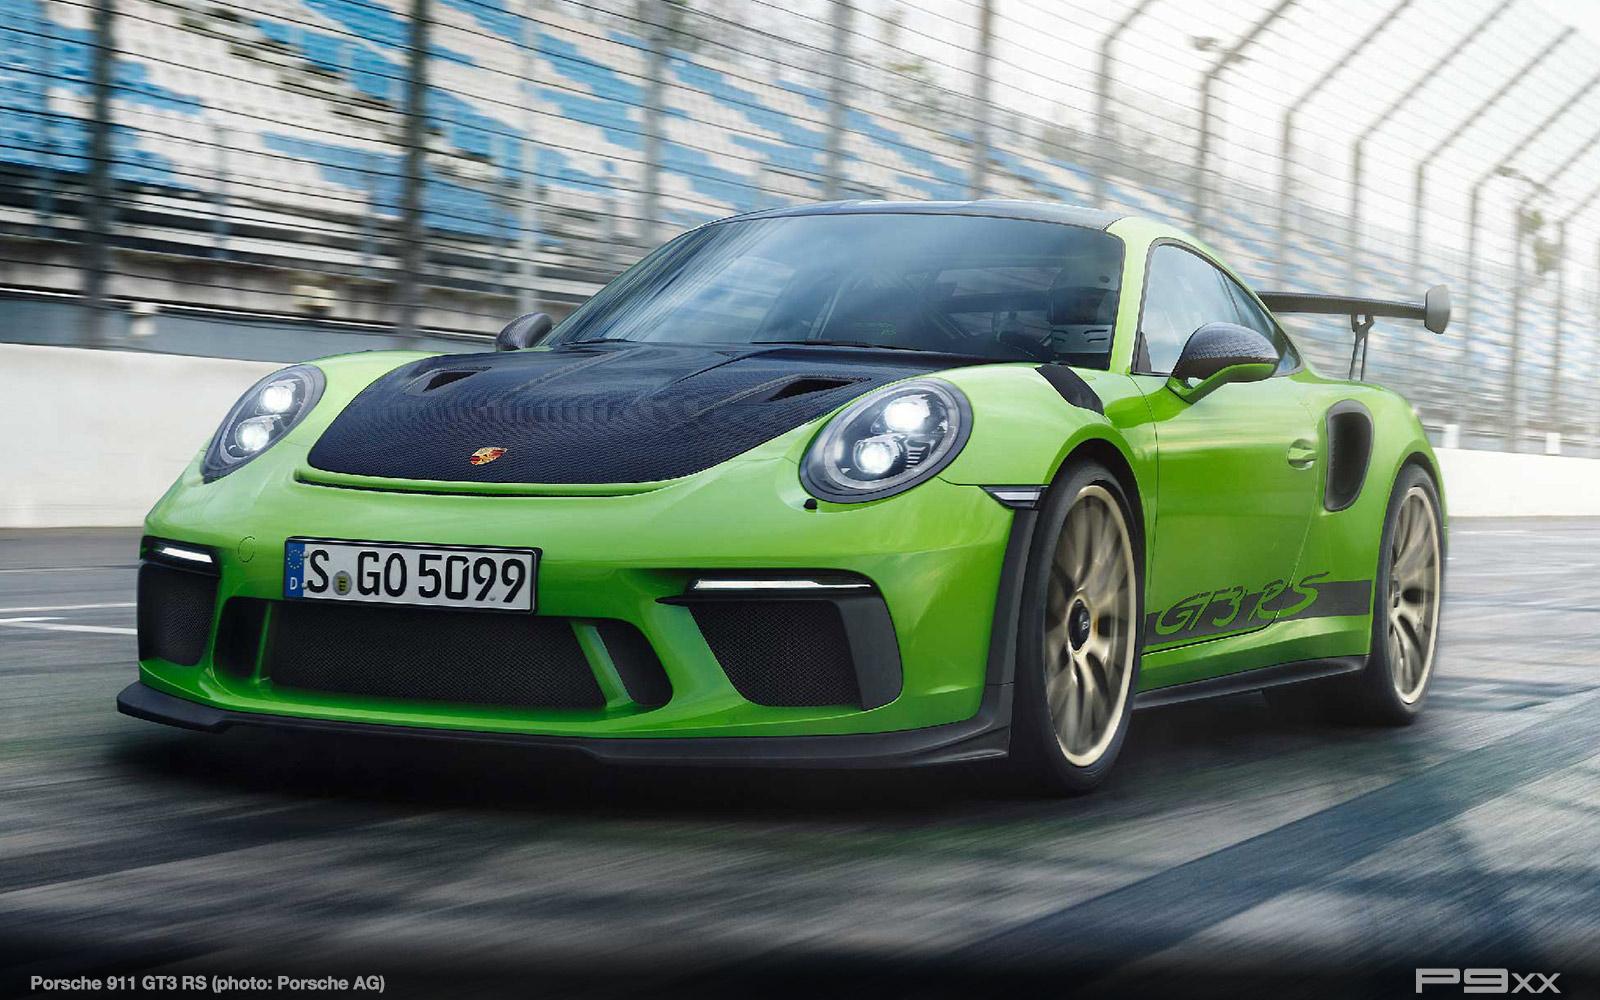 Porsche-911-GT3-RS-991-2-9912-282